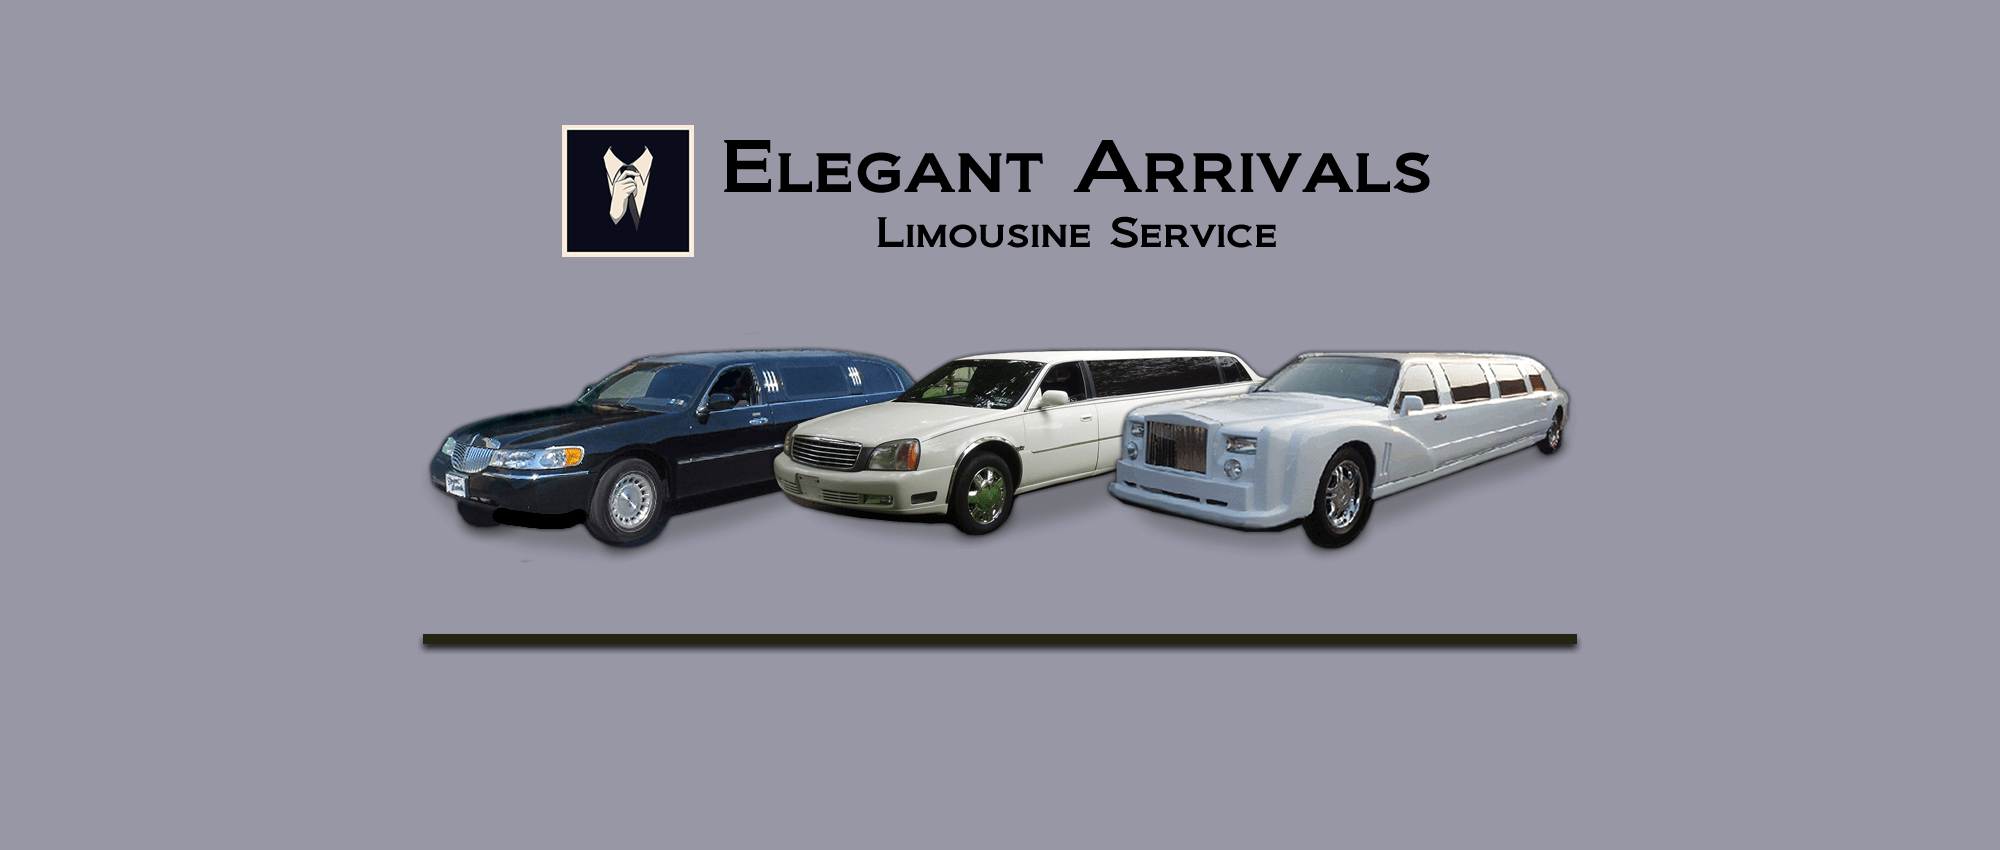 Elegant Arrivals